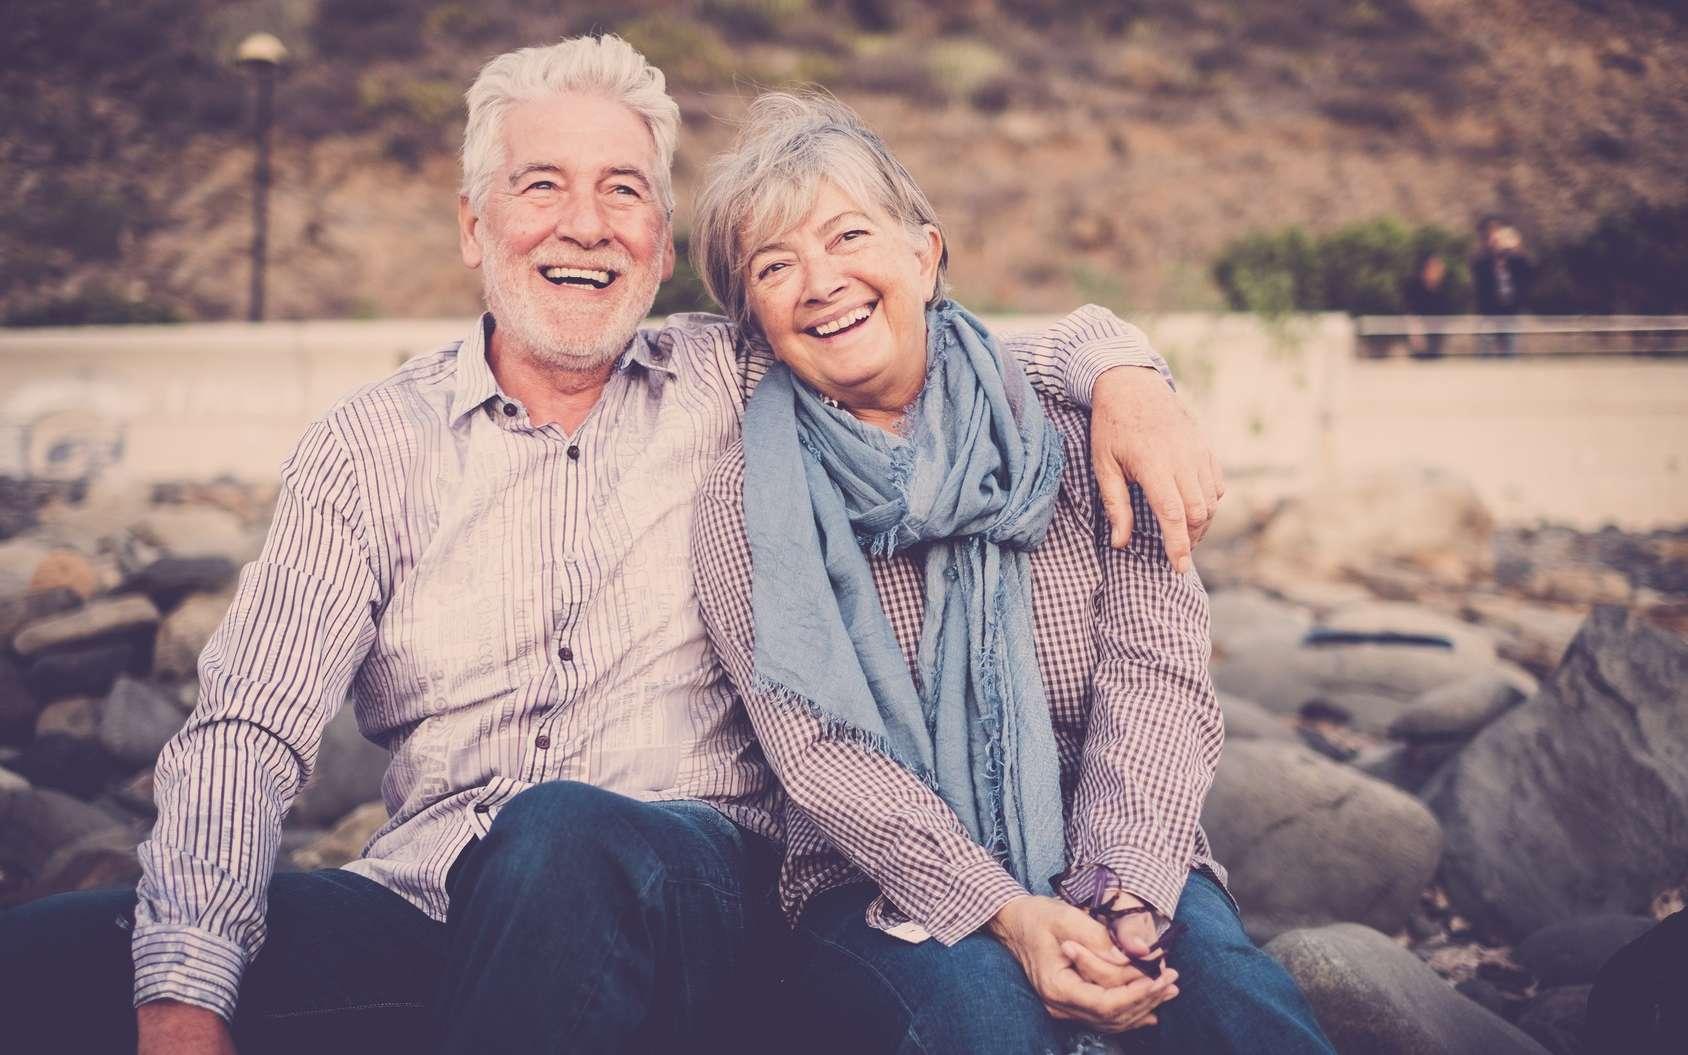 Psychologie : votre personnalité change avec l'âge. On ne voit pas forcément la vie de la même façon à 30, 50 ou 70 ans… © simona, Fotolia